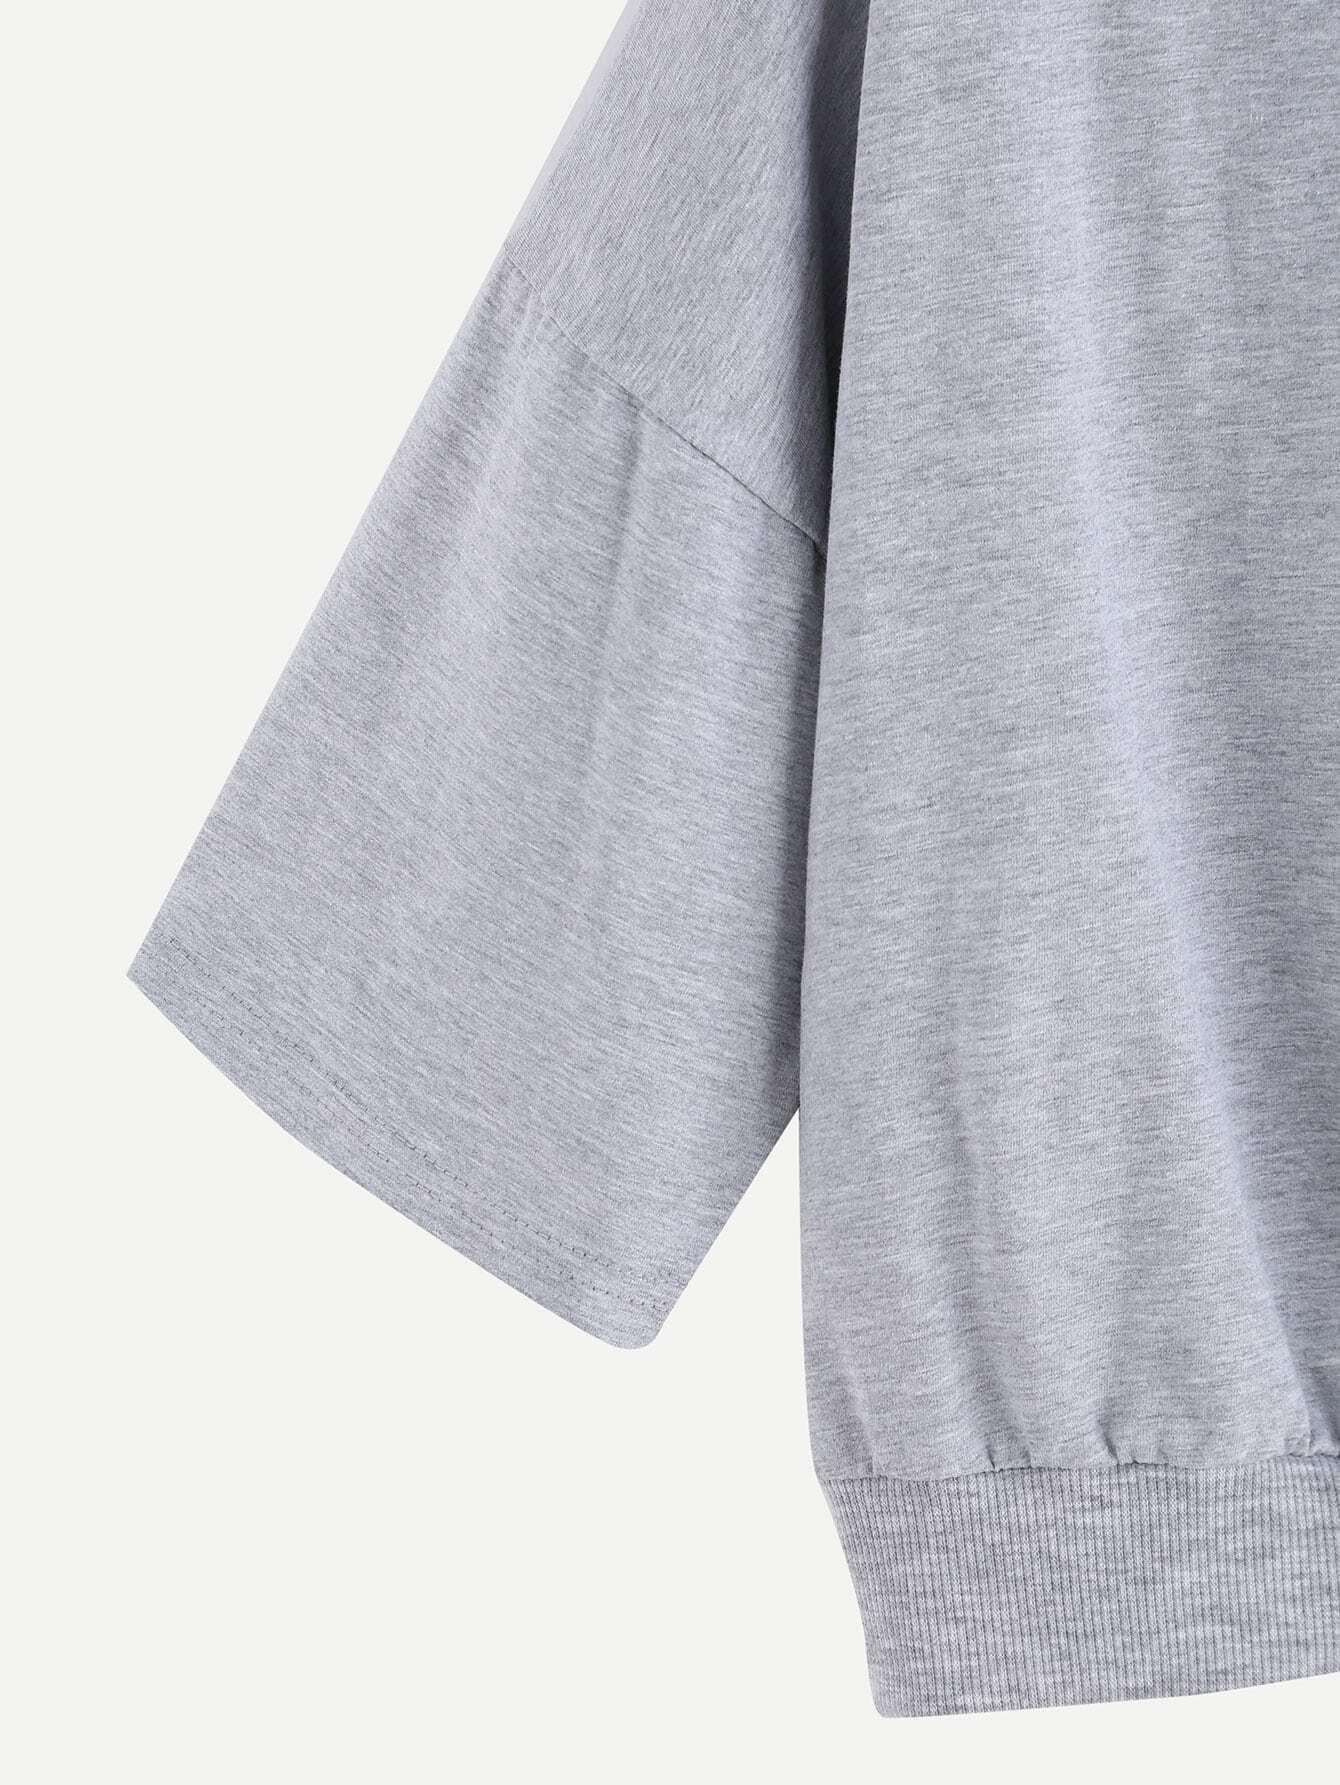 sweatshirt160805001_2